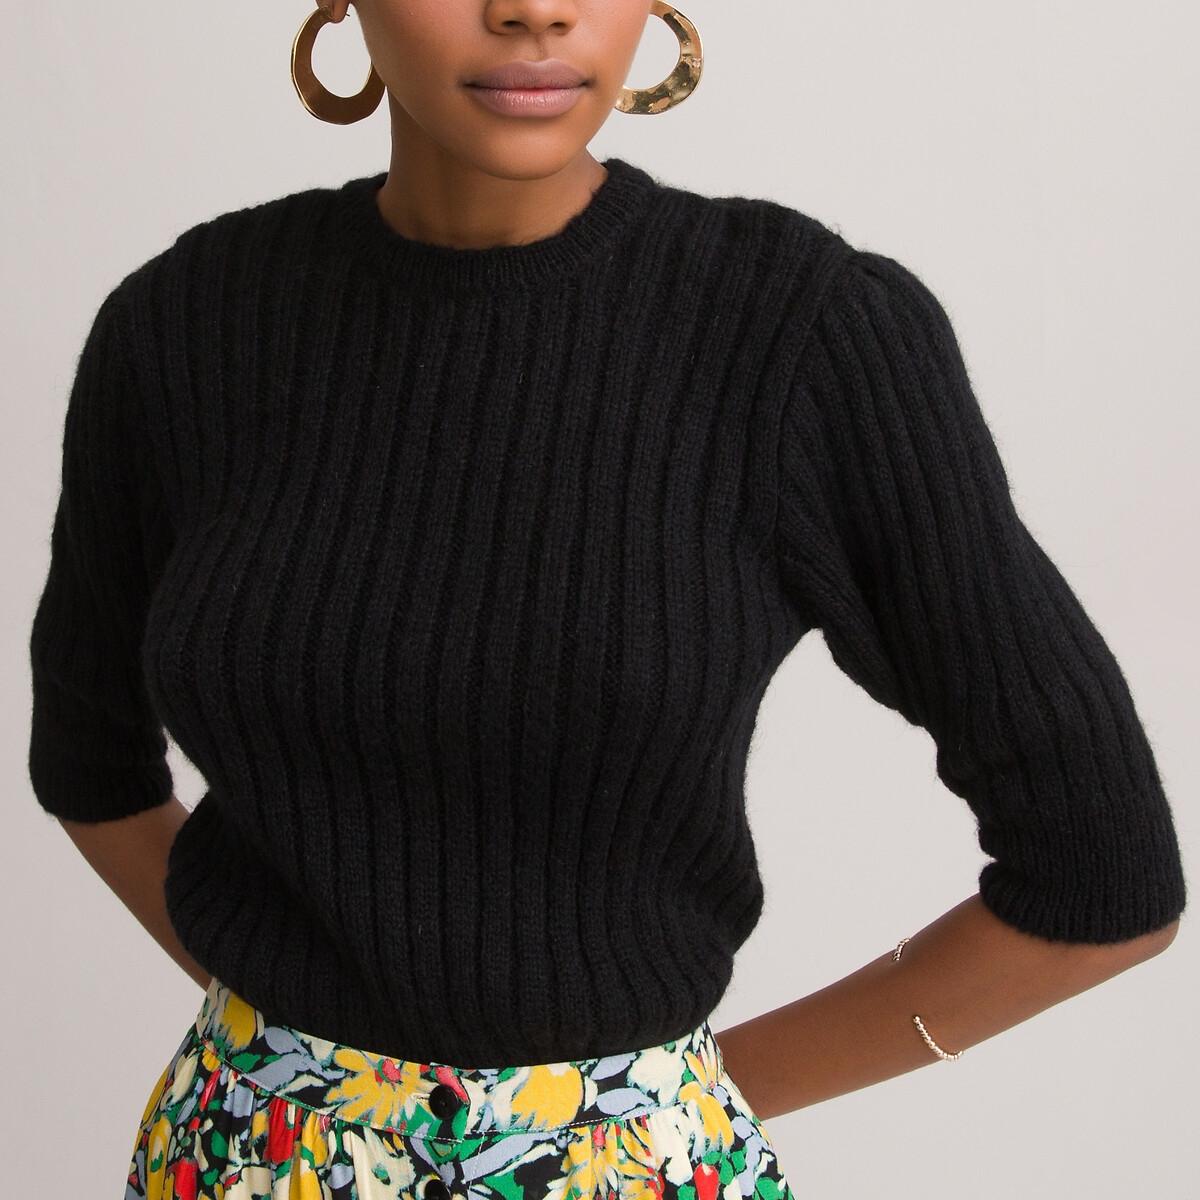 Пуловер LaRedoute С круглым вырезом и короткими рукавами из трикотажа в рубчик L черный пуловер laredoute с короткими рукавами с бантиком сзади xl красный